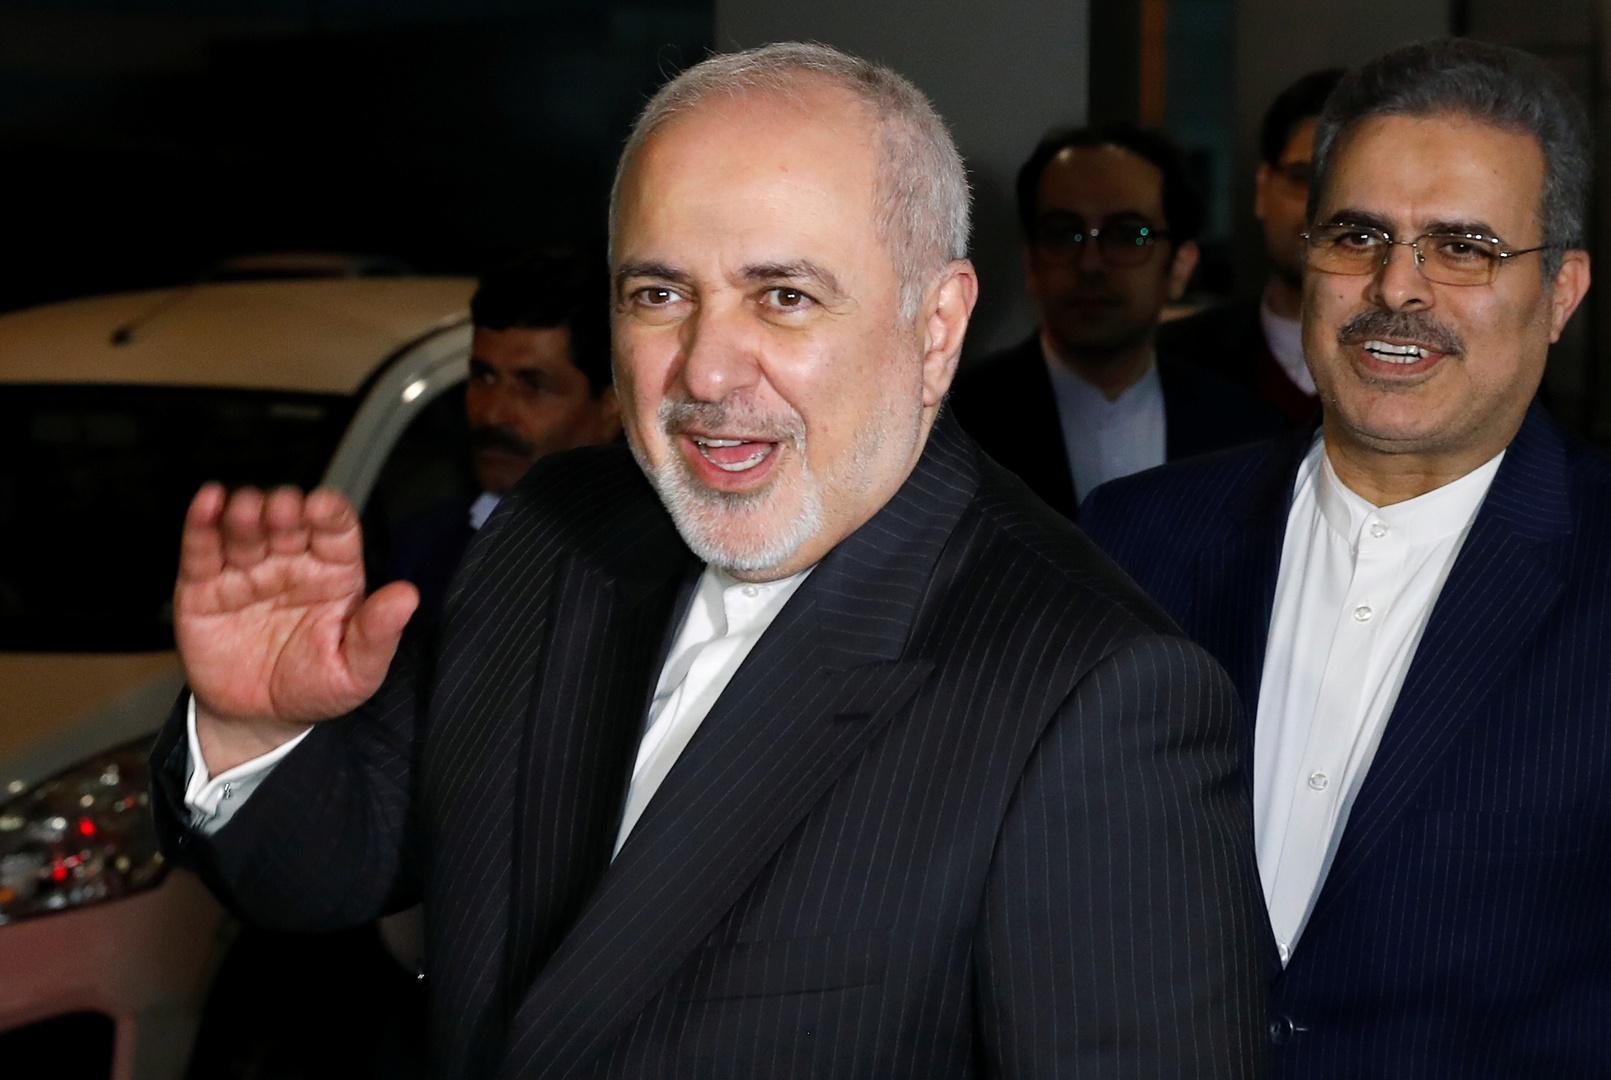 ظريف: خلافاتنا مع واشنطن مبدئية لكننا مستعدون للتعاون بشأن بعض القضايا